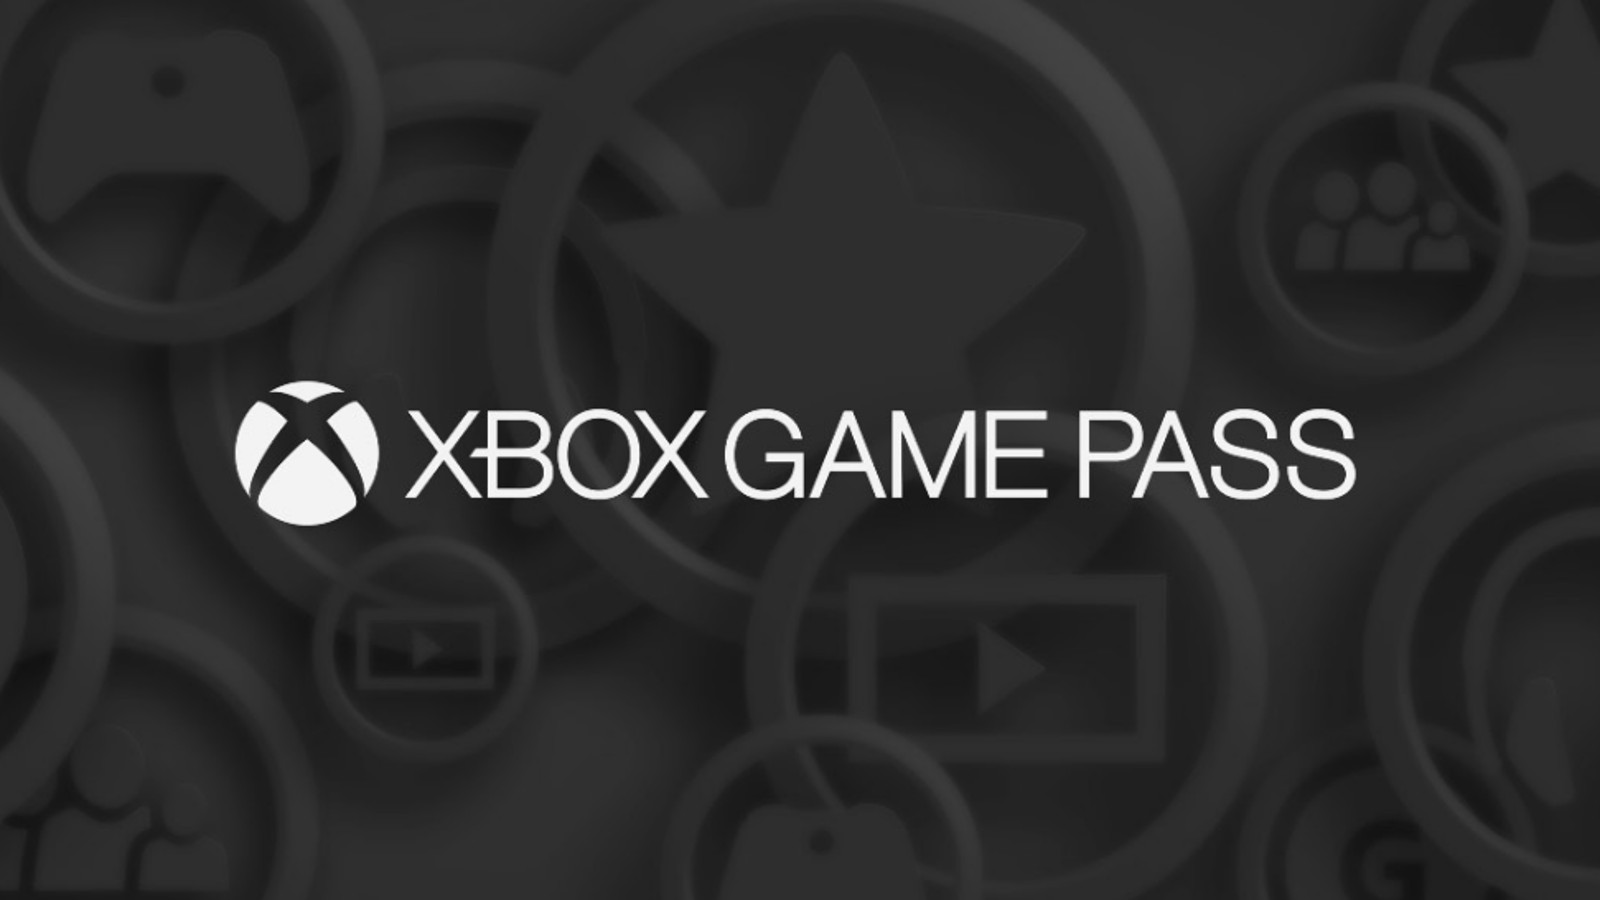 لیست بازیهای موجود در سرویس Xbox Game Pass